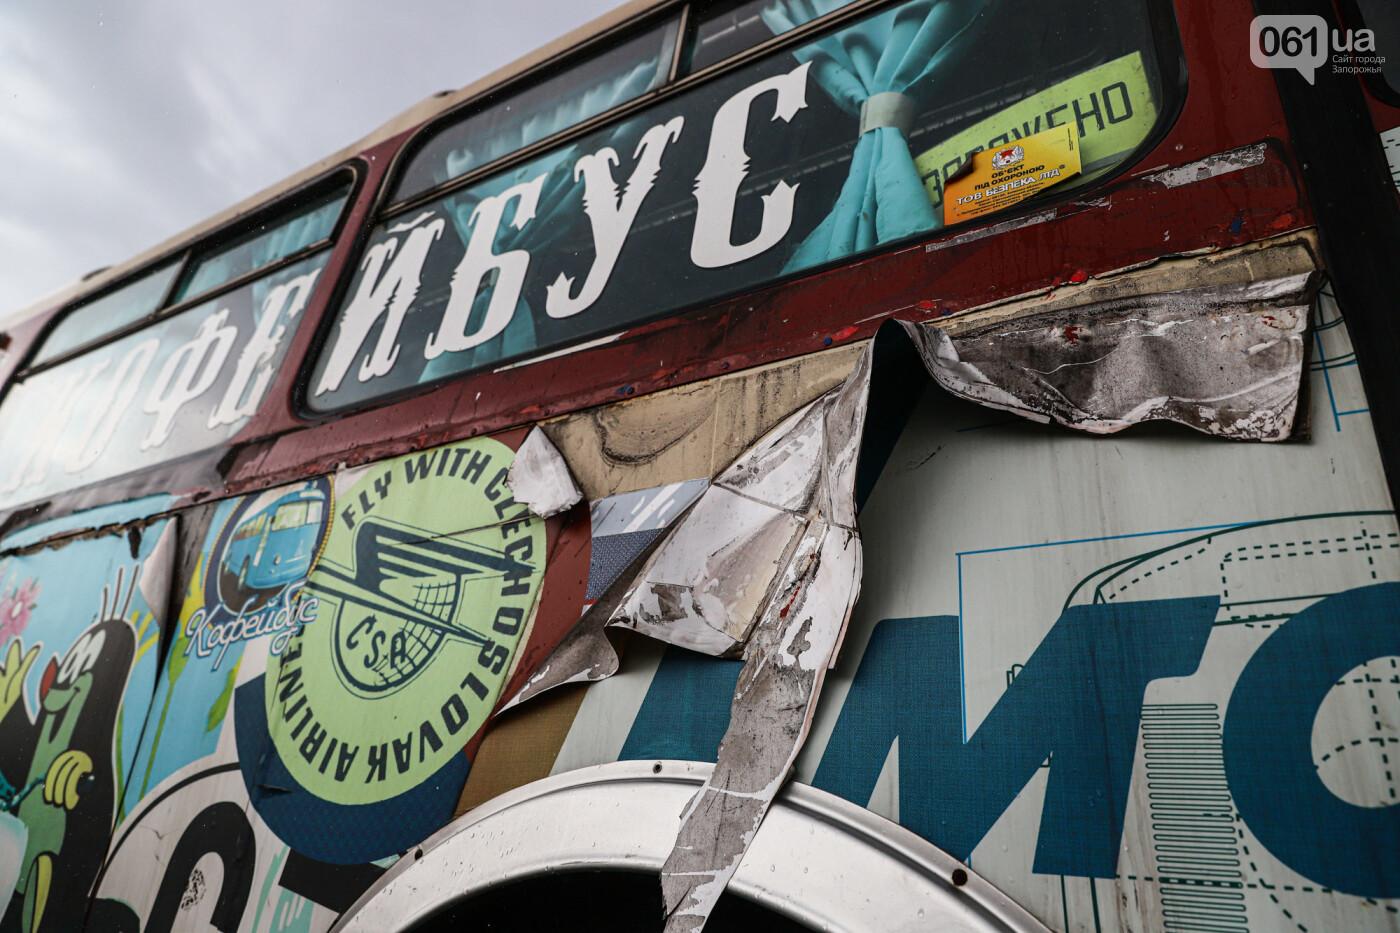 В Запорожье на месте зеленхоза одного из заводов появится Музей специального транспорта, - ФОТОРЕПОРТАЖ, фото-51